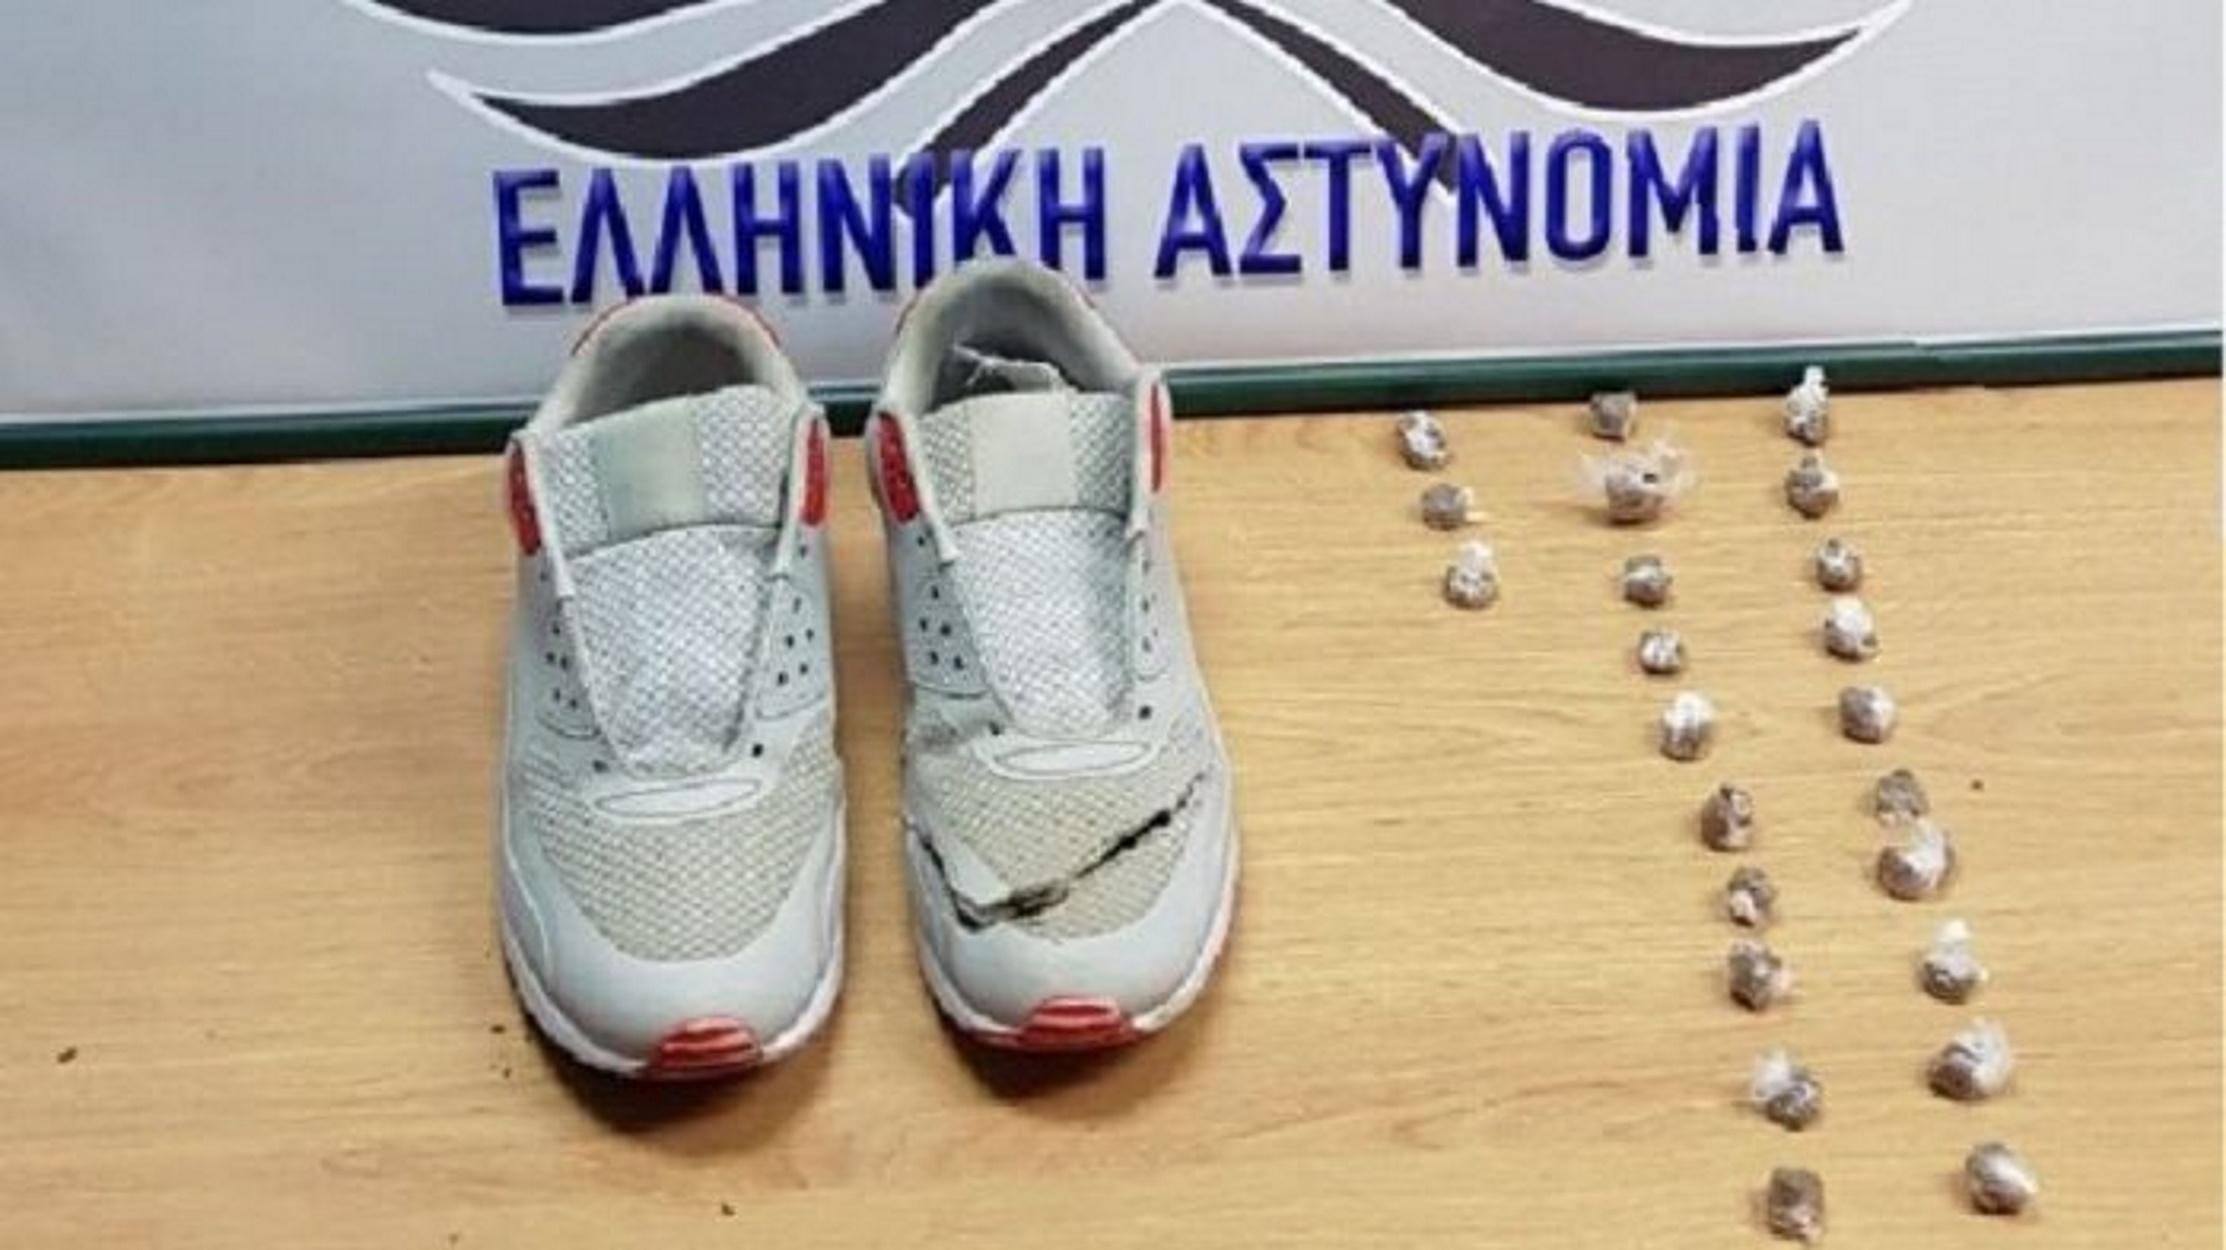 Αγρίνιο: Είχε την κοκαΐνη μέσα στο αθλητικό παπούτσι του (pics)